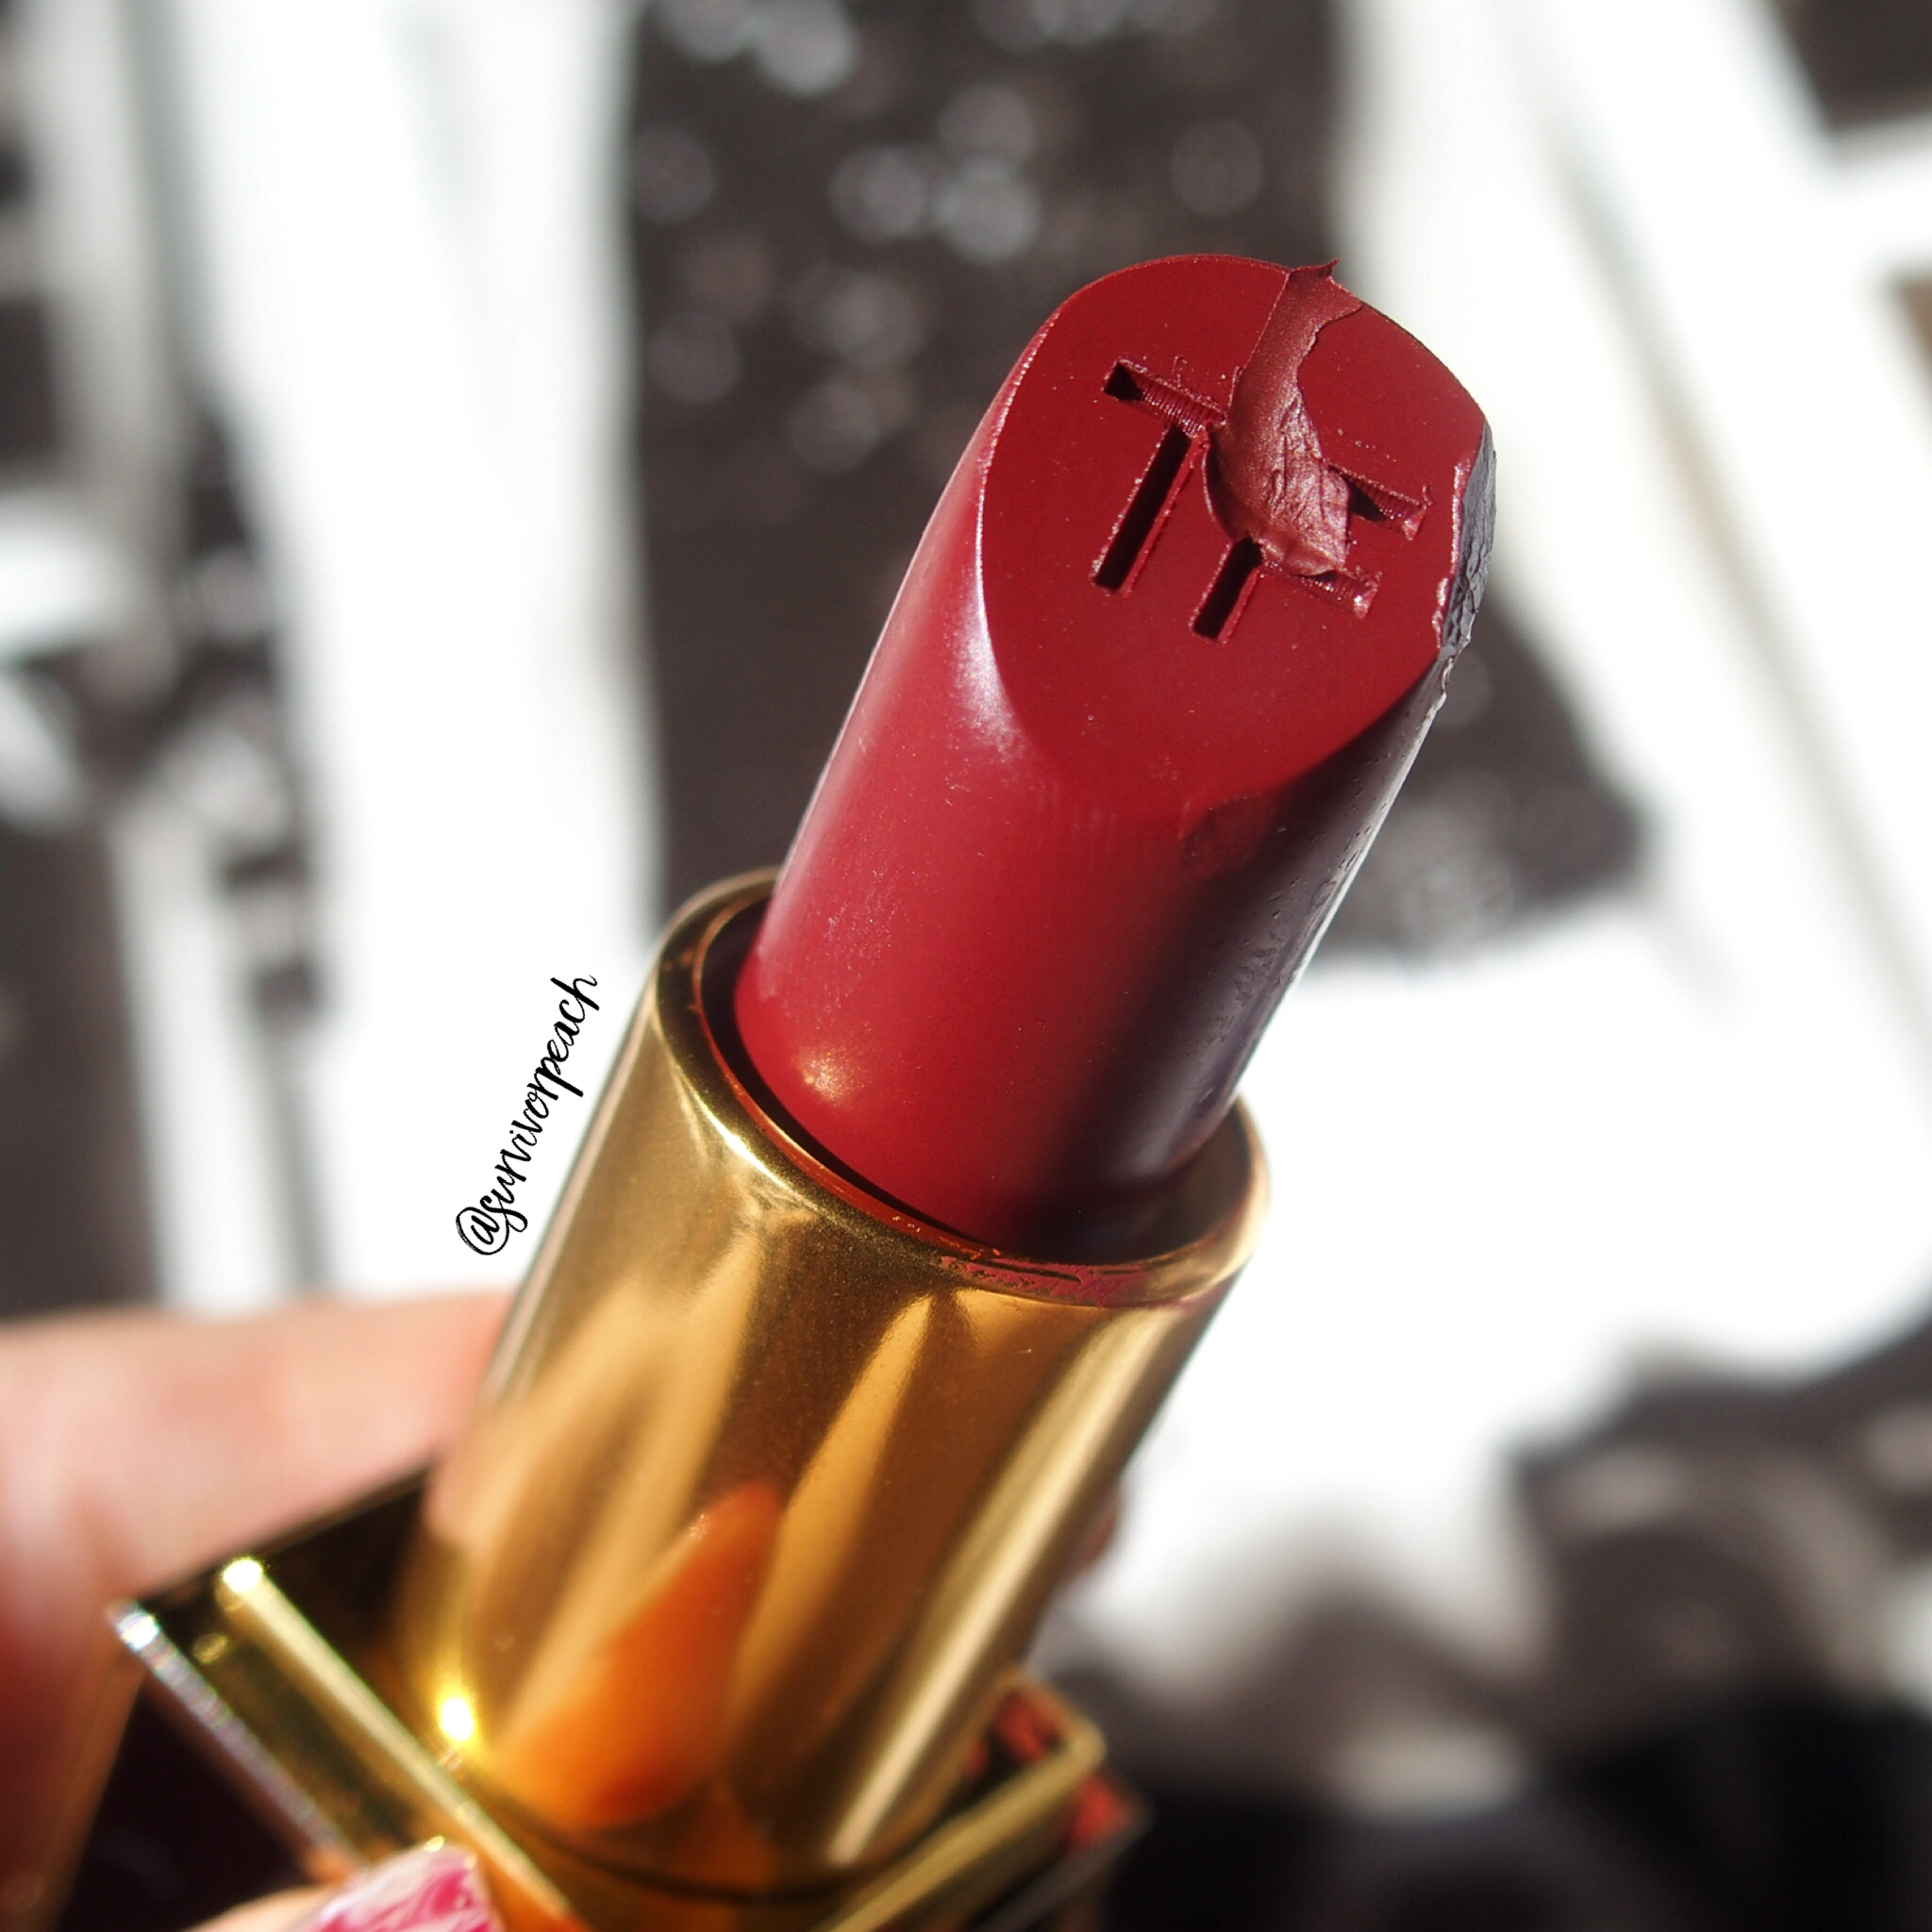 Tom Ford Matte Lipsticks in Velvet Cherry